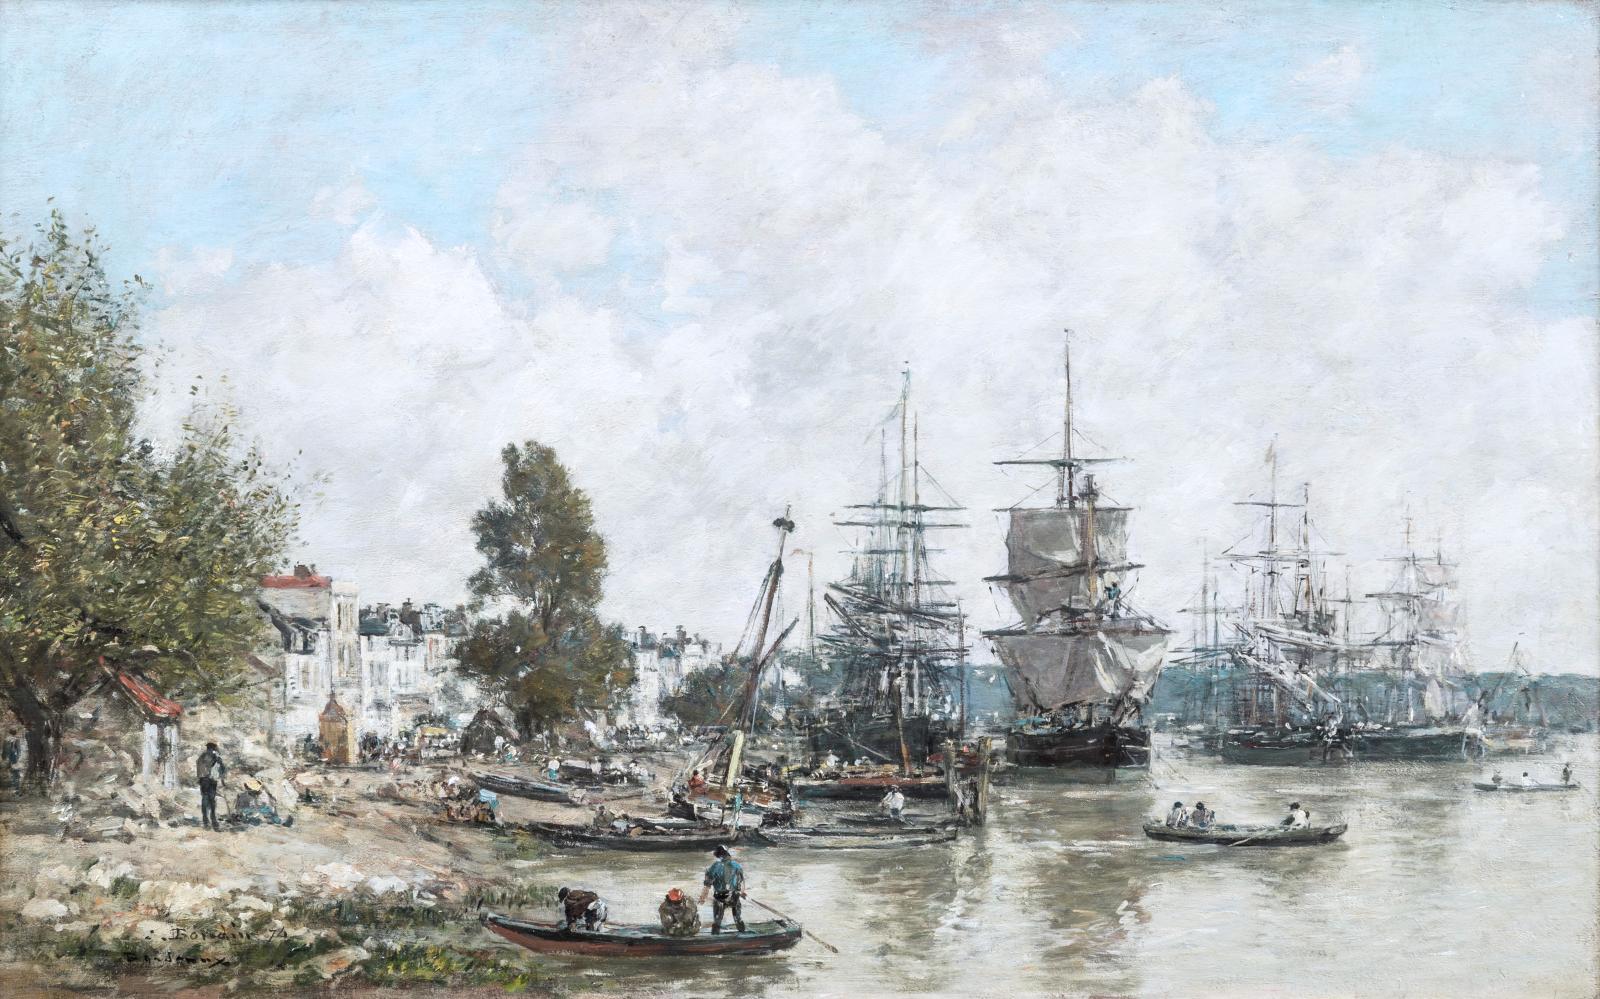 Eugène Boudin, Le Port de Bordeaux, 1874, huile sur toile, 40,5x65cm.